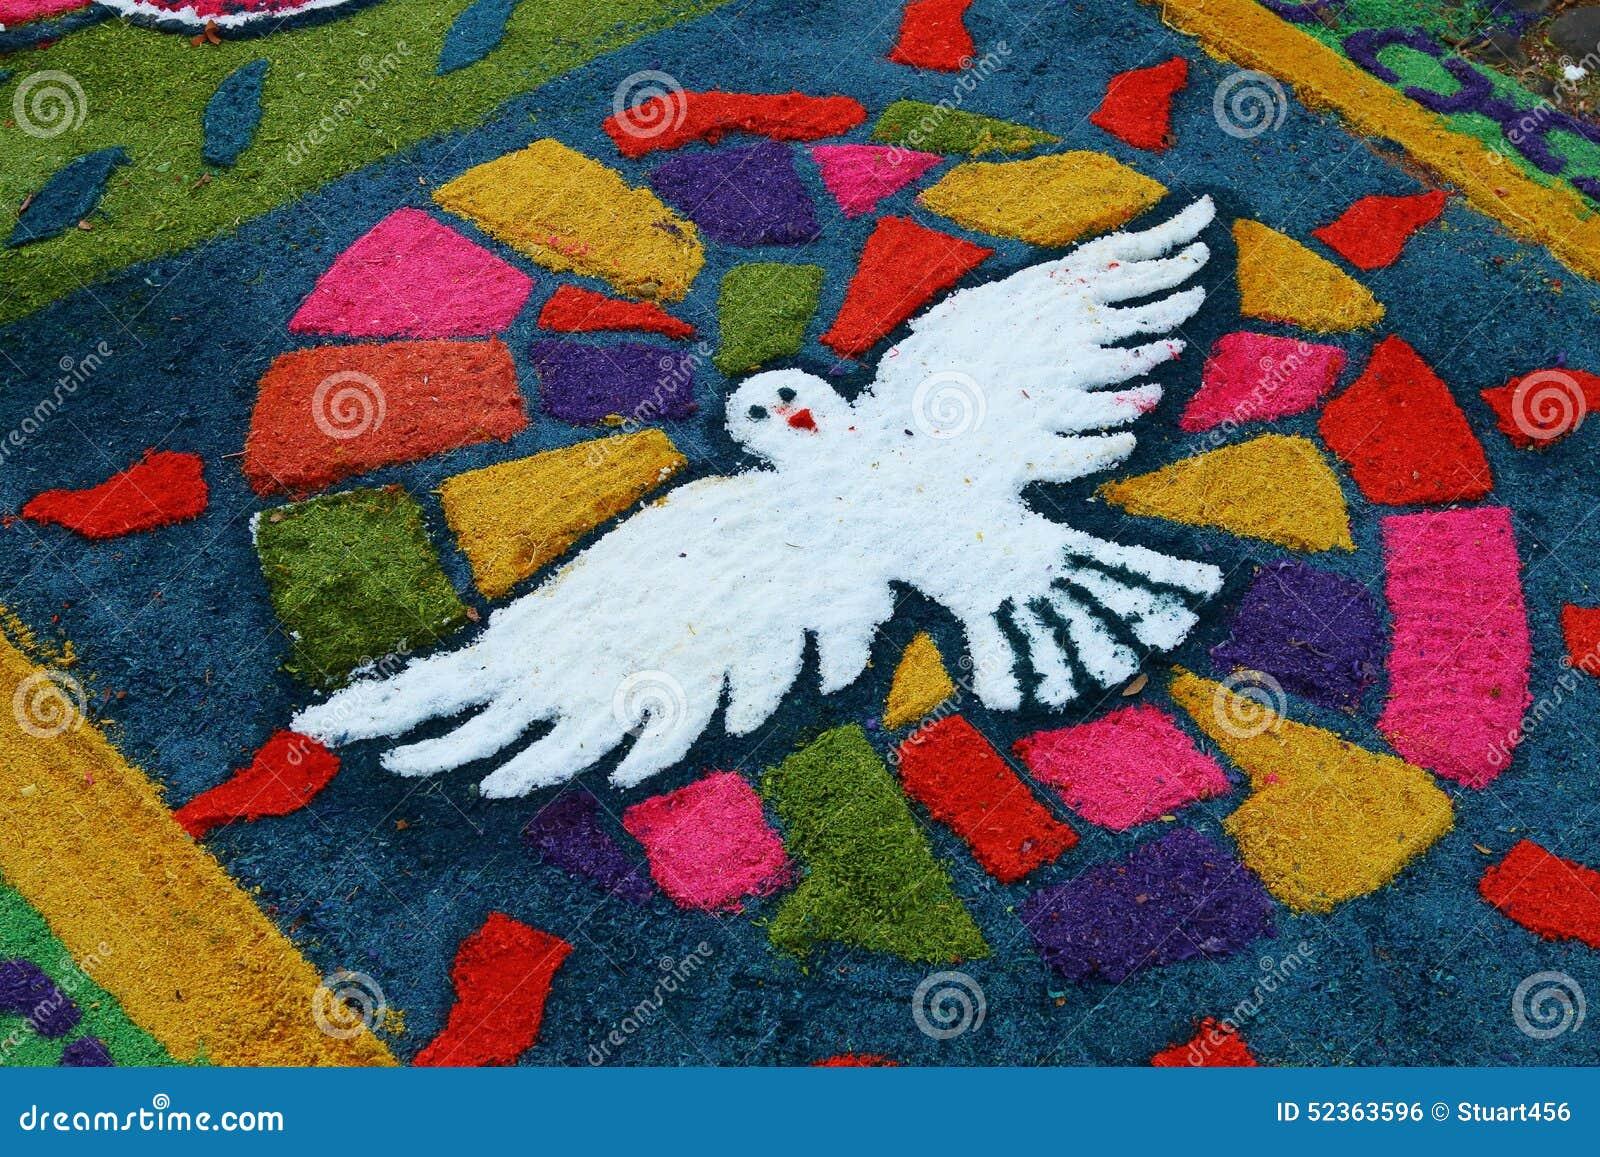 Alfombras para celebrar la semana santa el salvador foto for El paraiso de las alfombras